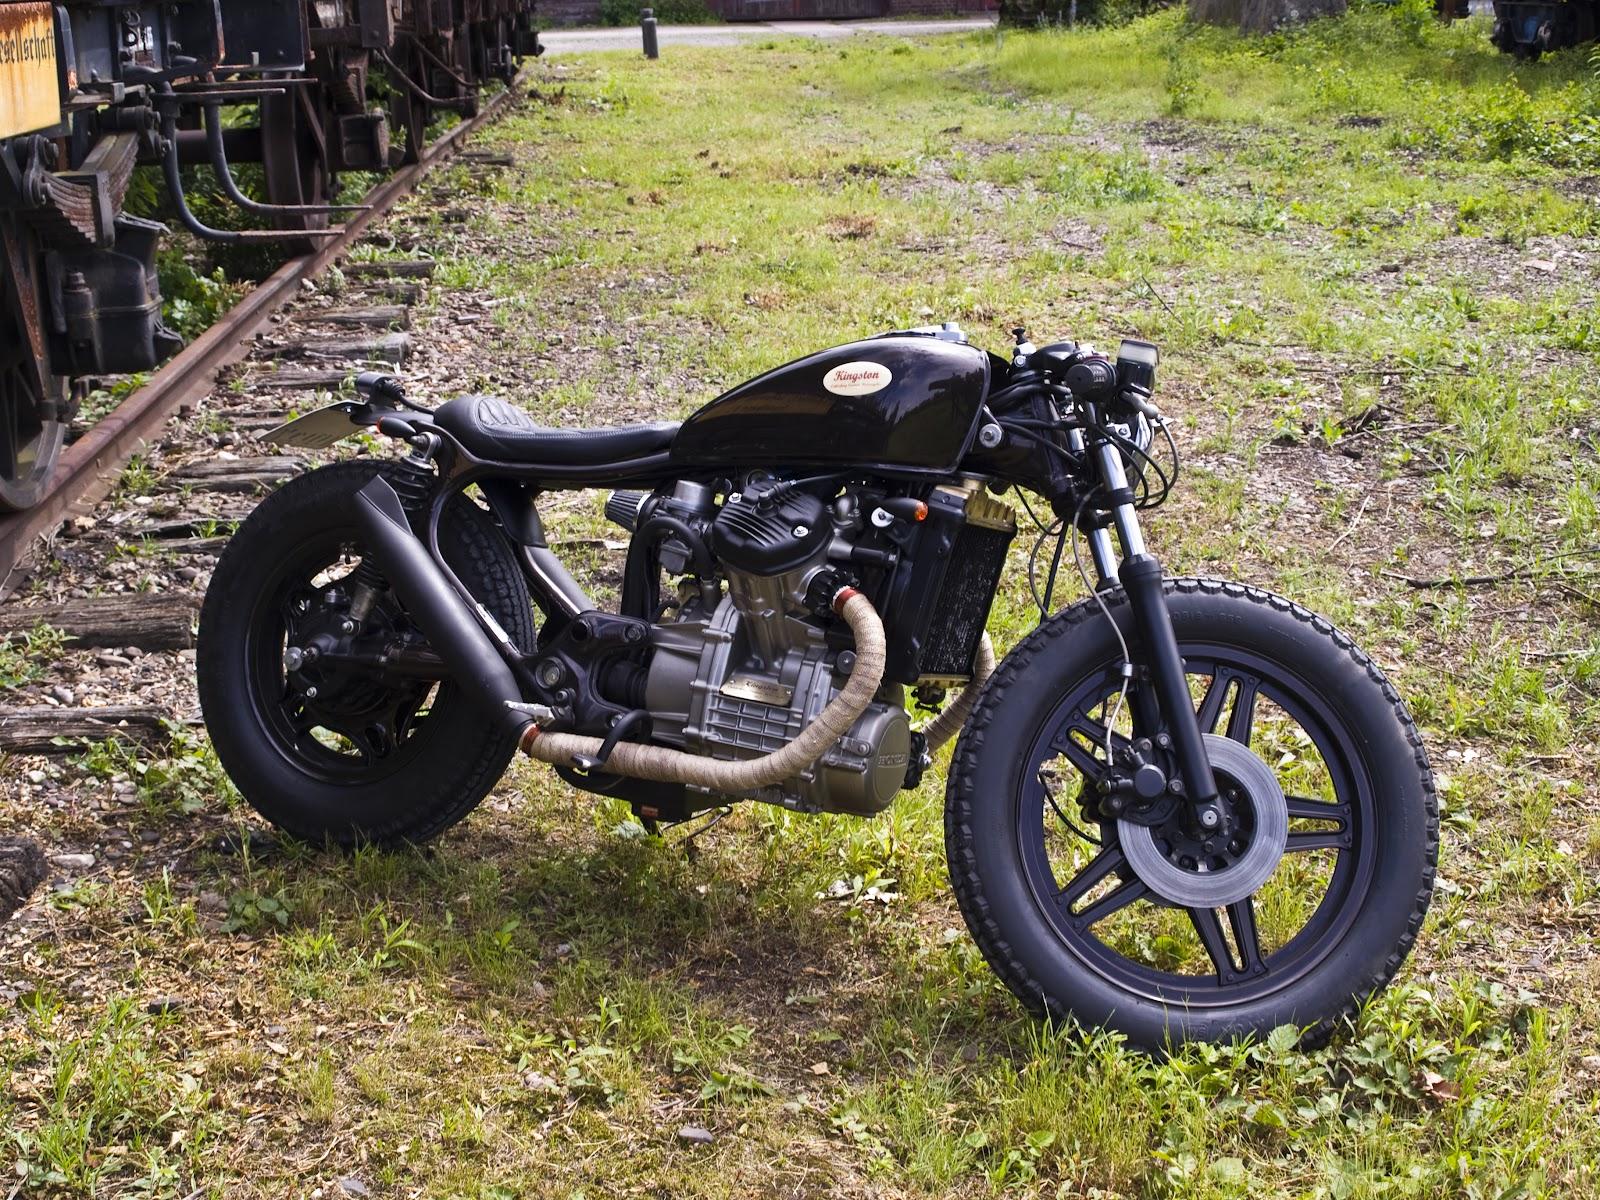 biker excalibur ii kingston 4 honda cx 500 caf racer. Black Bedroom Furniture Sets. Home Design Ideas